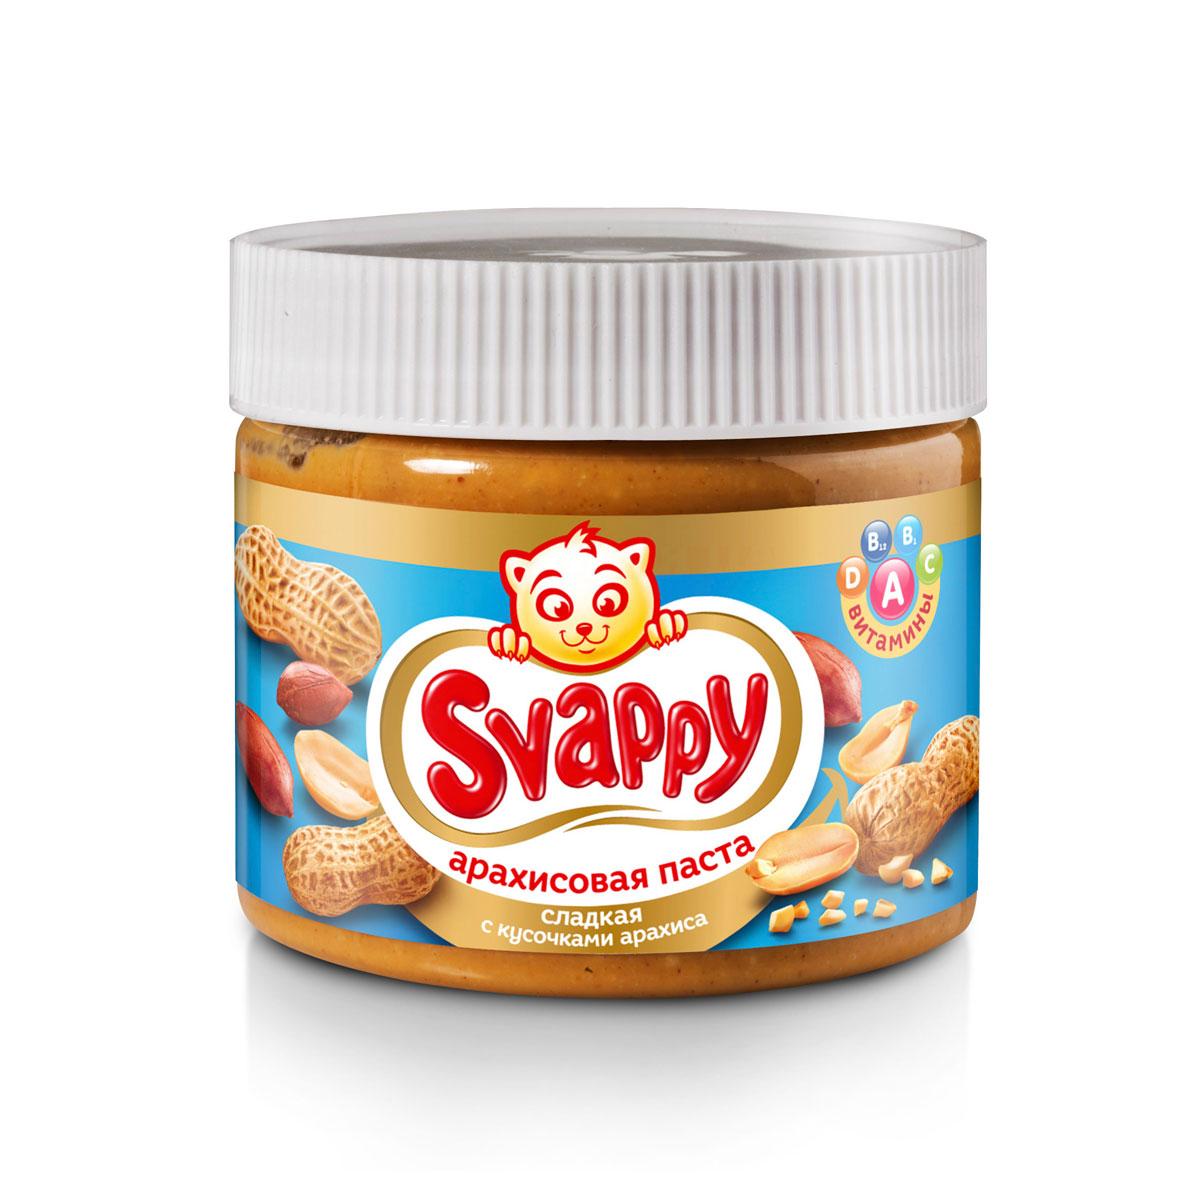 Svappy арахисовая паста сладкая с кусочками арахиса, 300 г